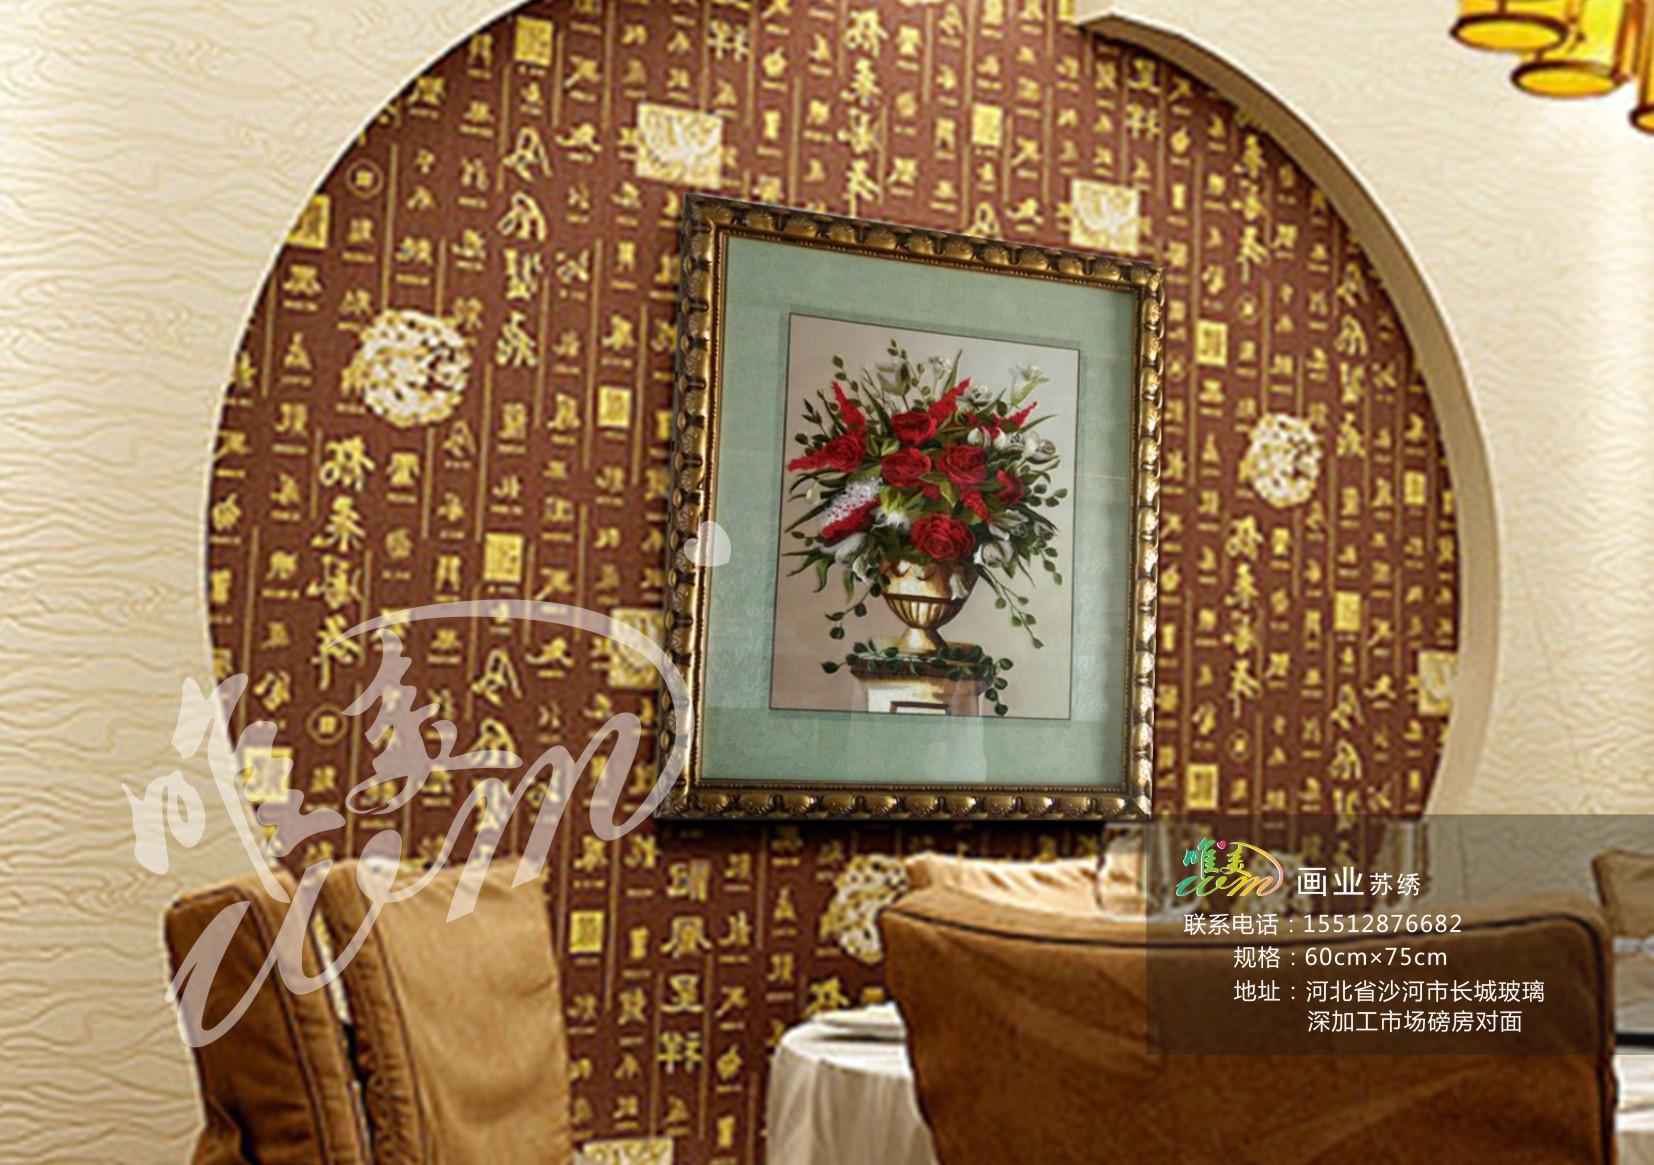 客厅装饰苏绣 挂画